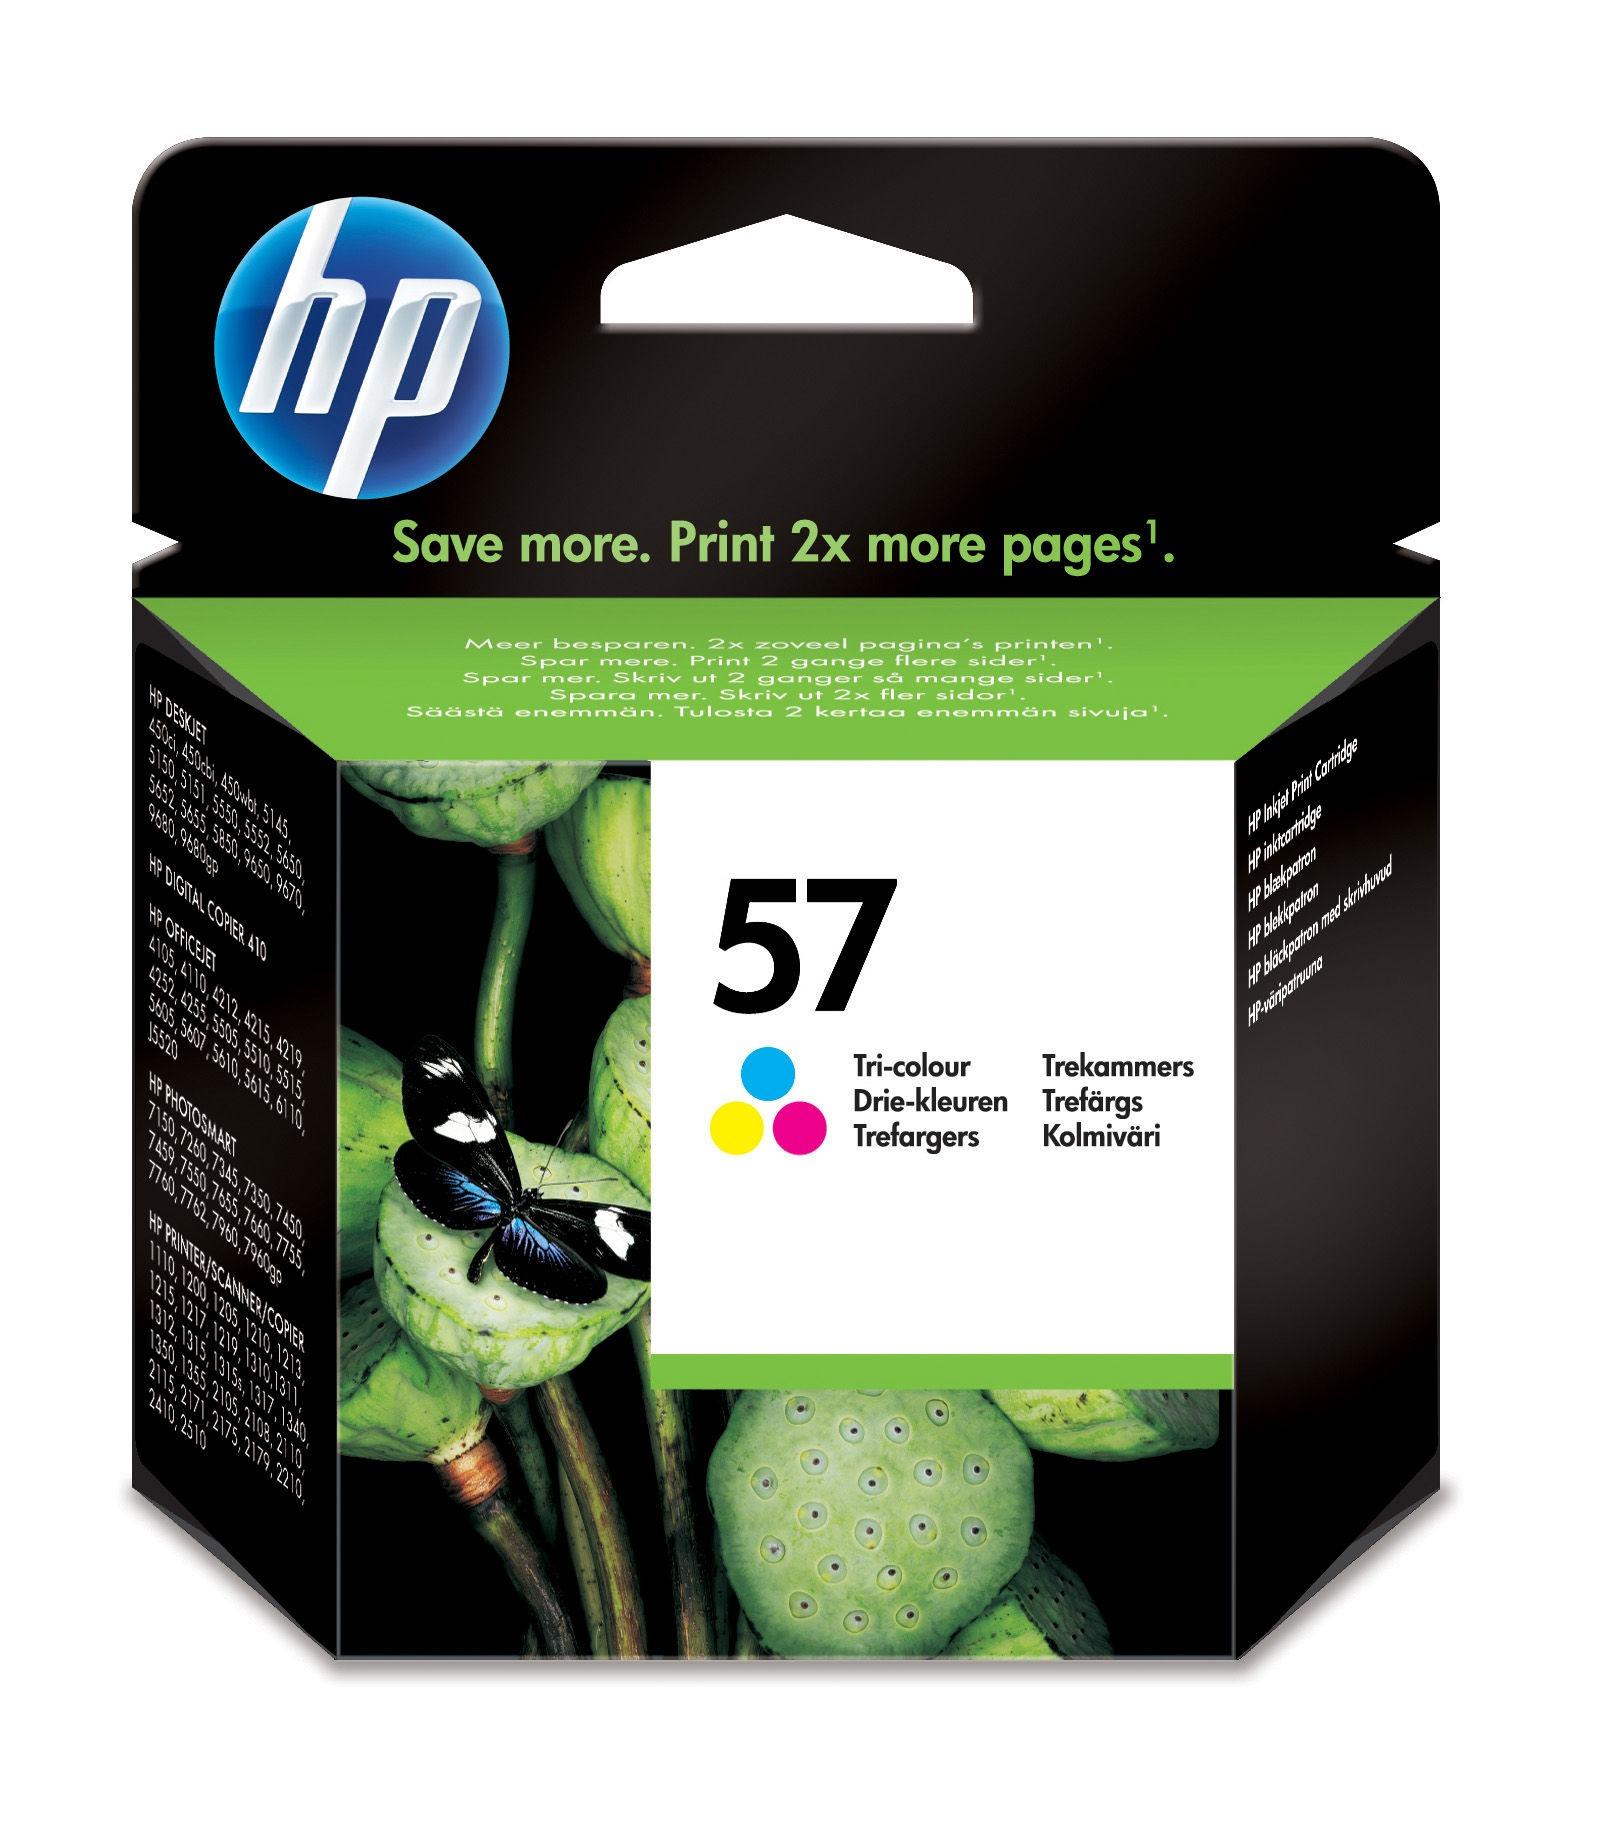 De hp nr. 57 drie kleuren inktcartridge bevat drie kleuren inkt (cyaan, magenta en geel) op kleurstofbasis, ...